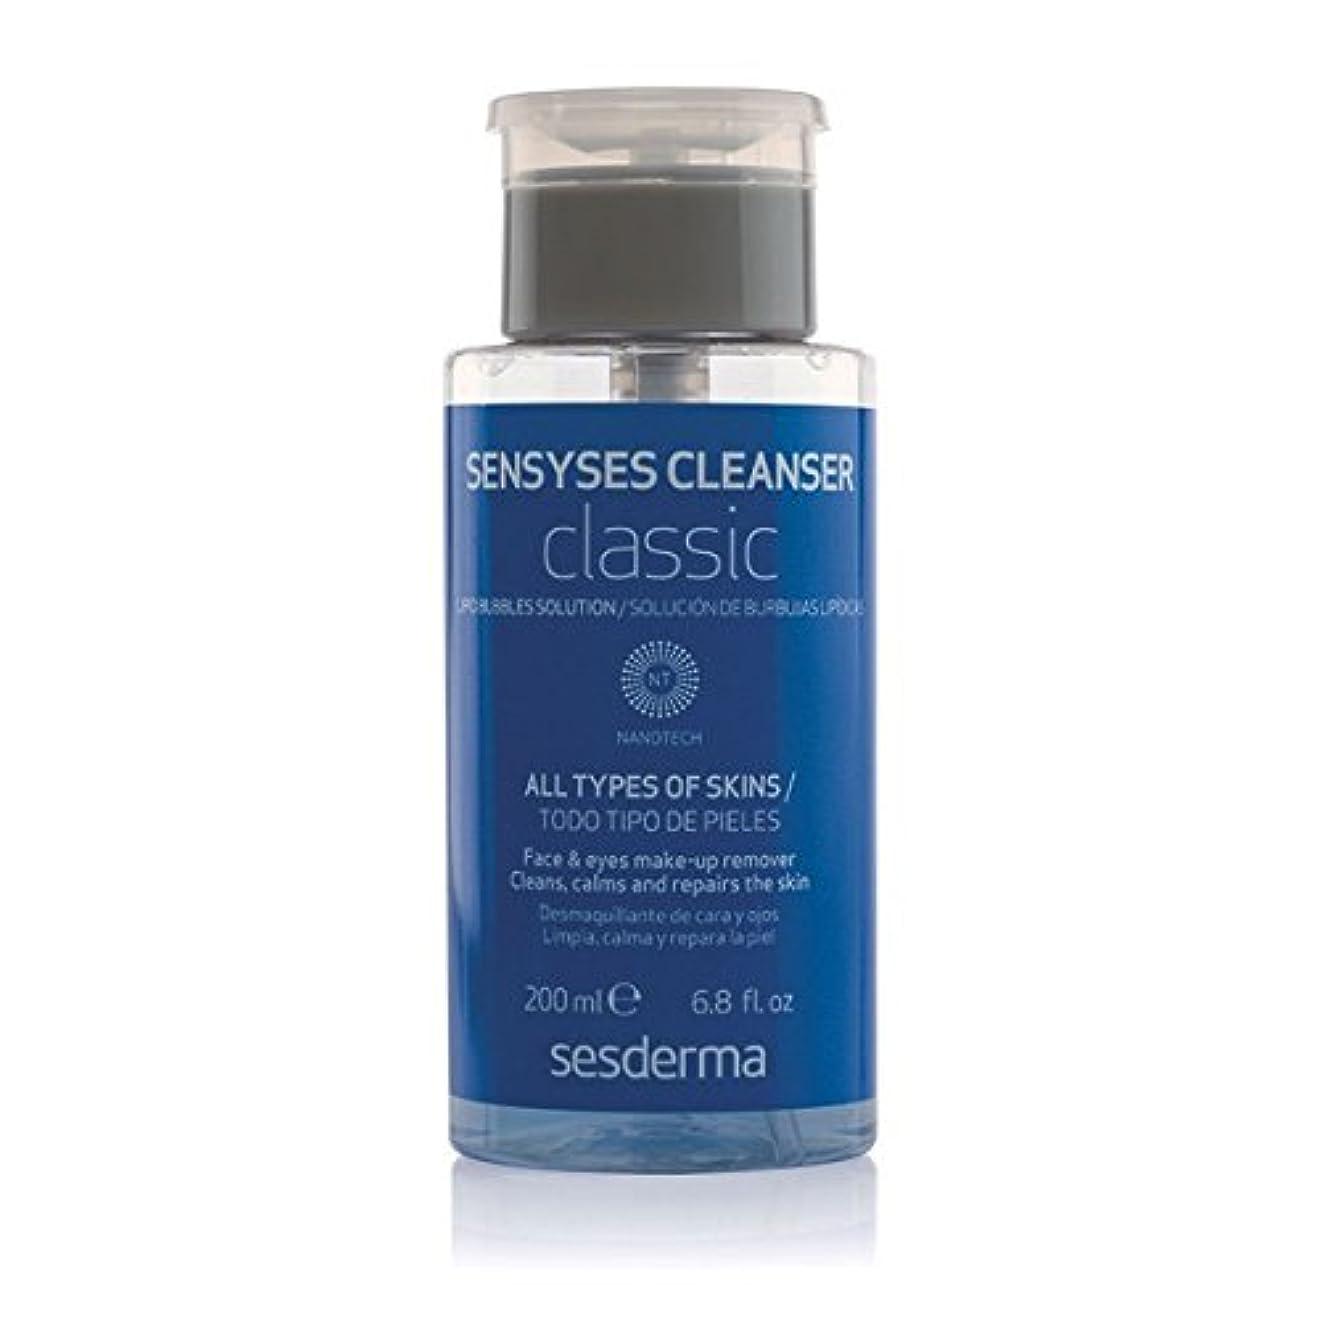 削減ギャップ疑い者Sesderma Sensyses Cleanser Classic Lipid Bubbles Solution 200ml [並行輸入品]